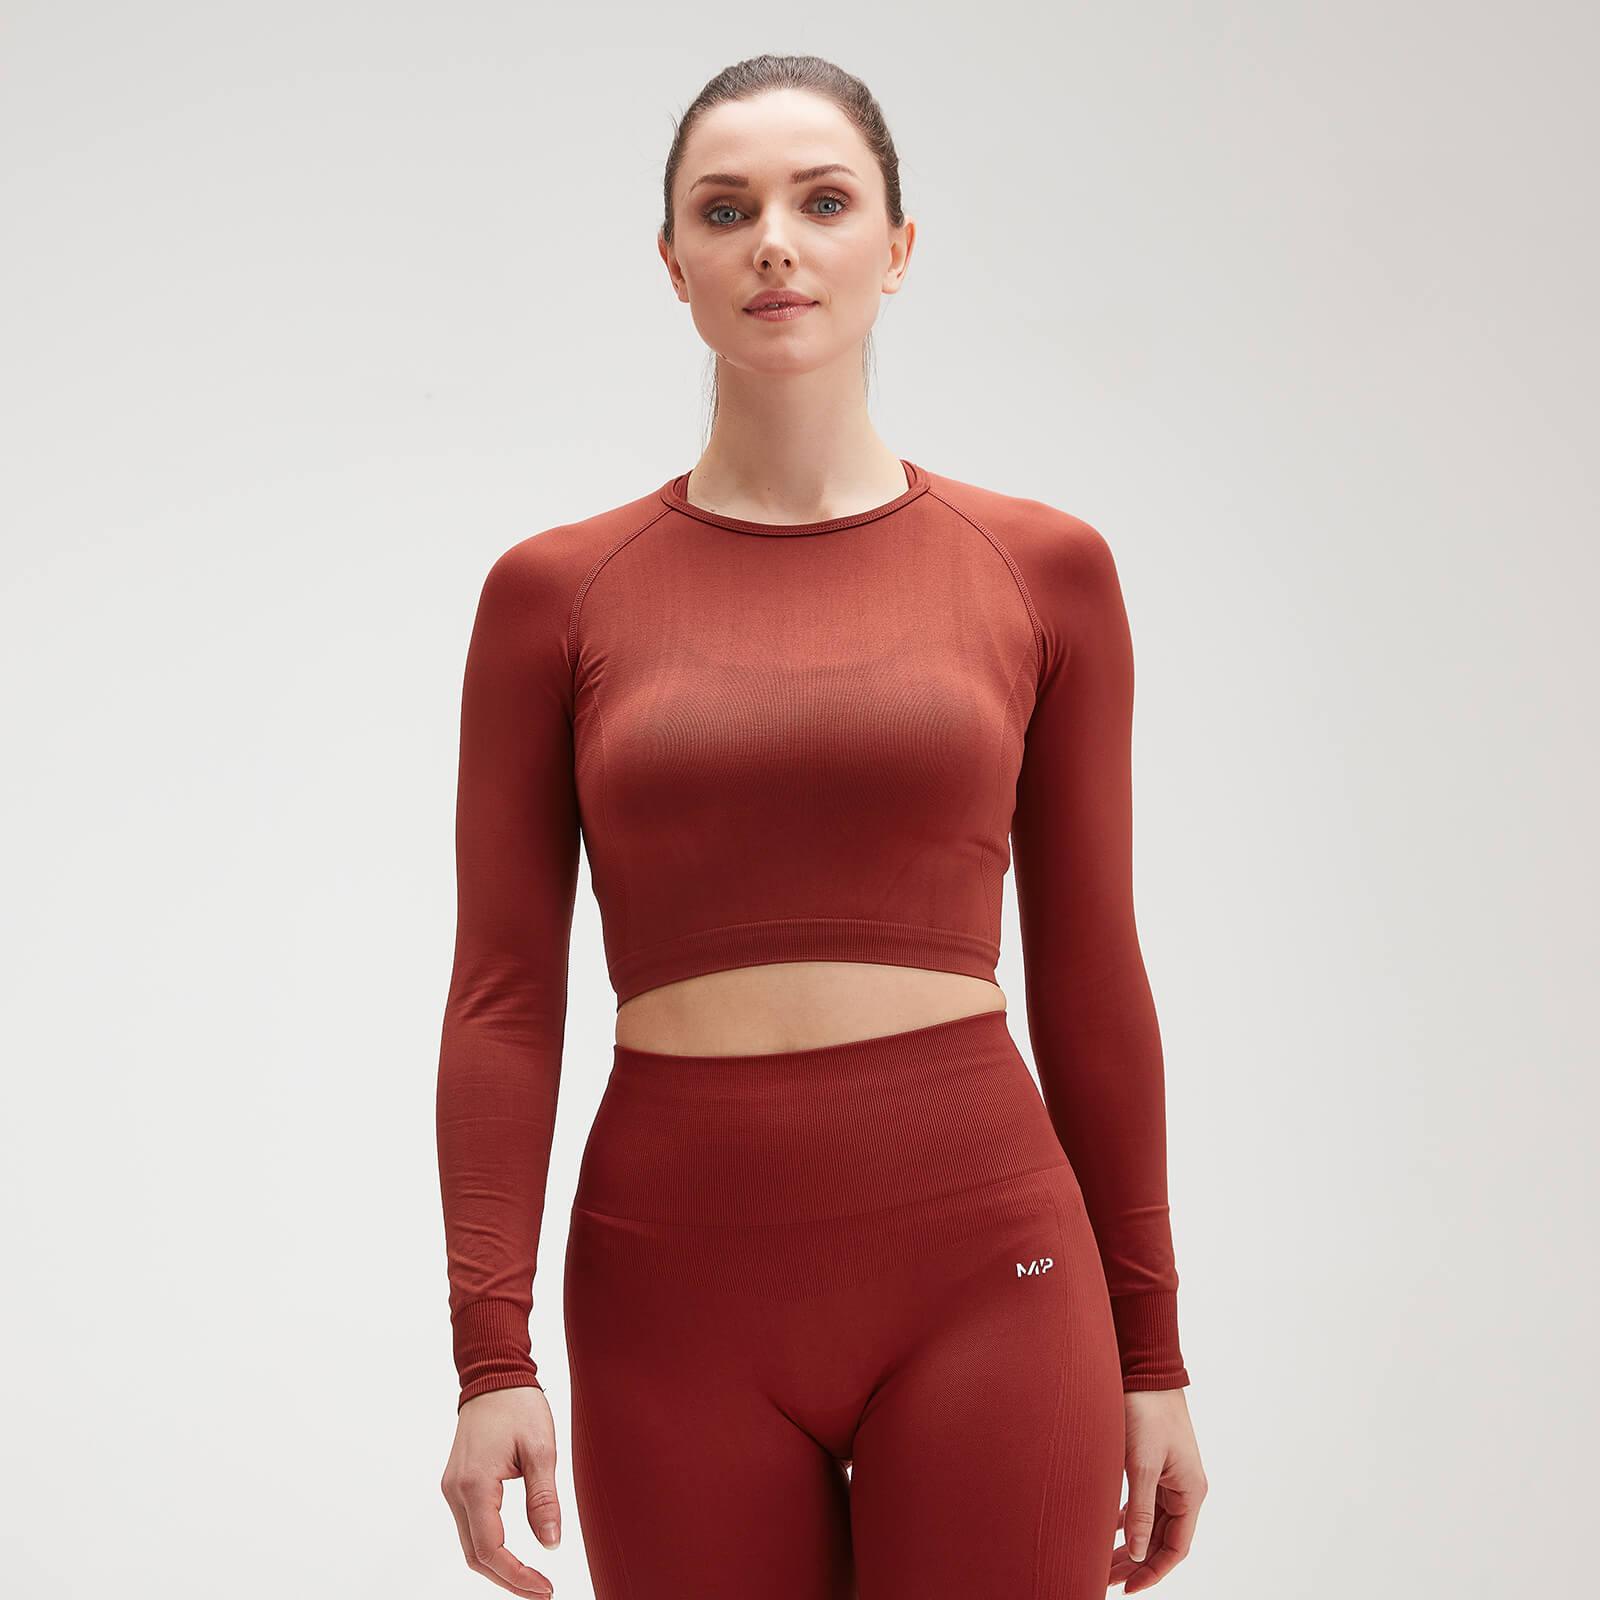 Crop top sans coutures à manches longues MP Shape Seamless Ultra pour femmes – Rouille - XXS